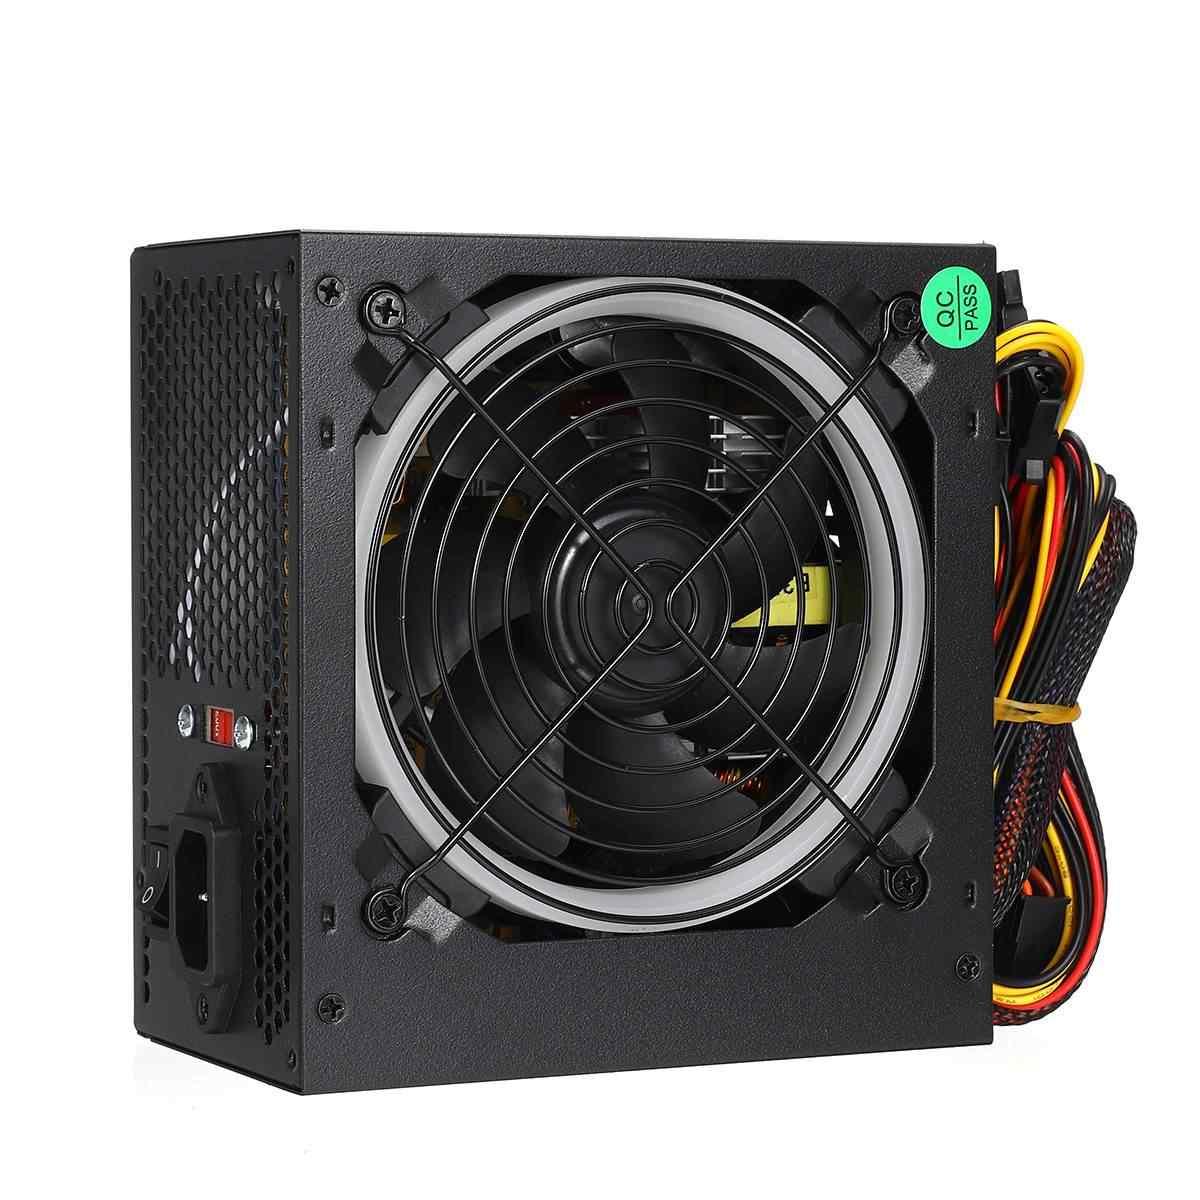 Max 1000W zasilacz cichy 12cm LED rgb wentylator ATX 24pin 12V komputer stancjonarny SATA komputer do gier zasilacz do komputera Intel AMD